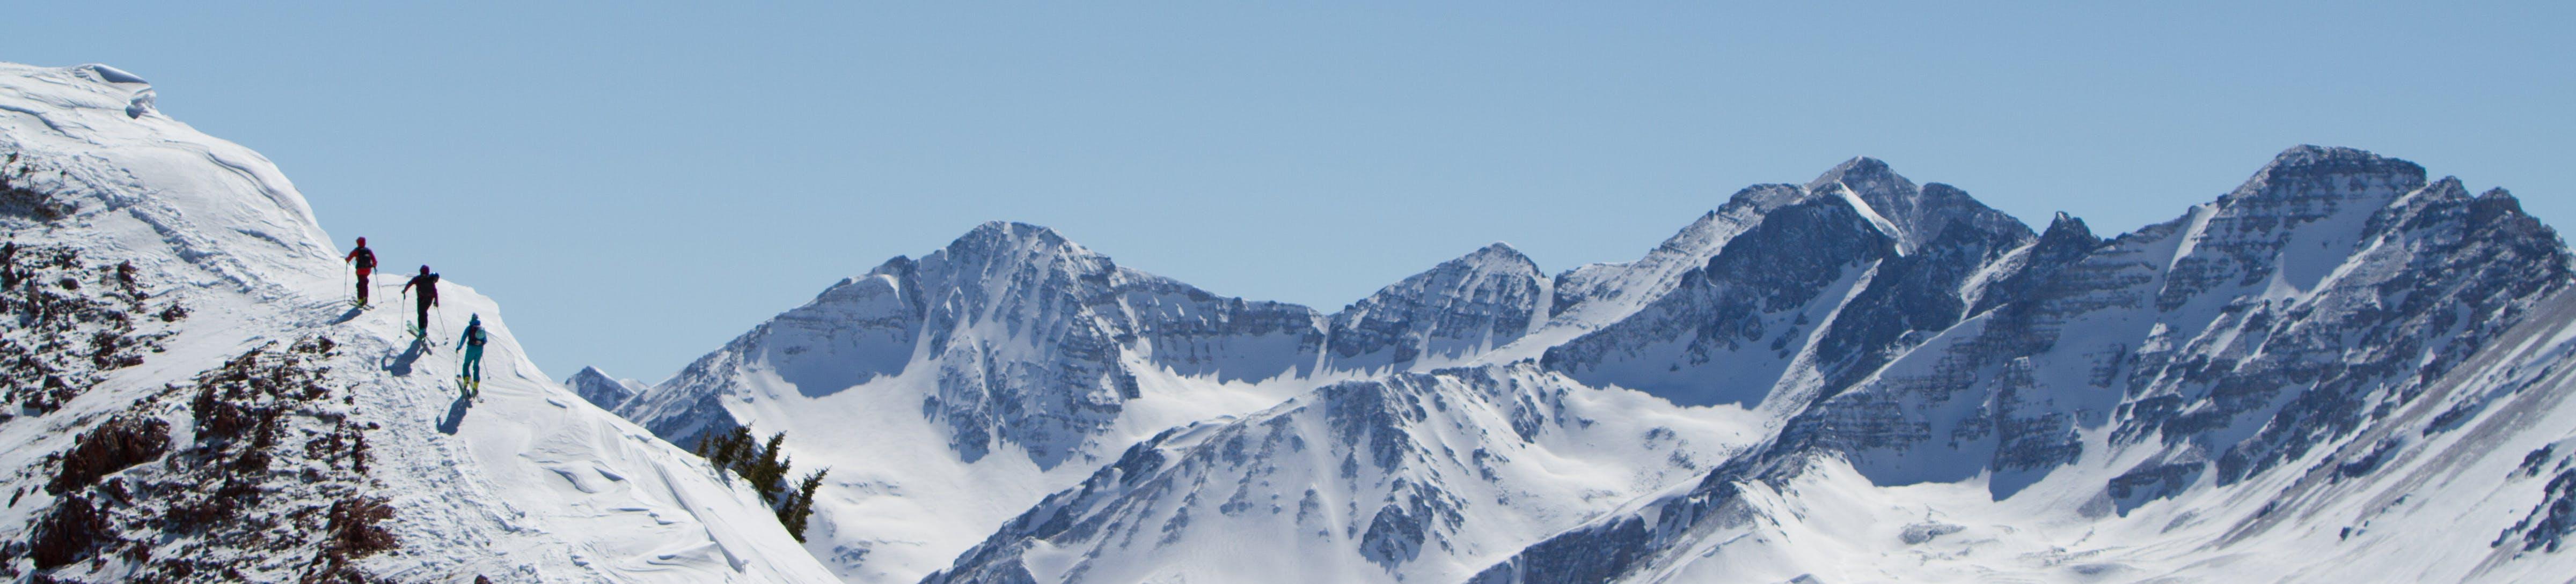 Three skiers traverse a mountain ridge